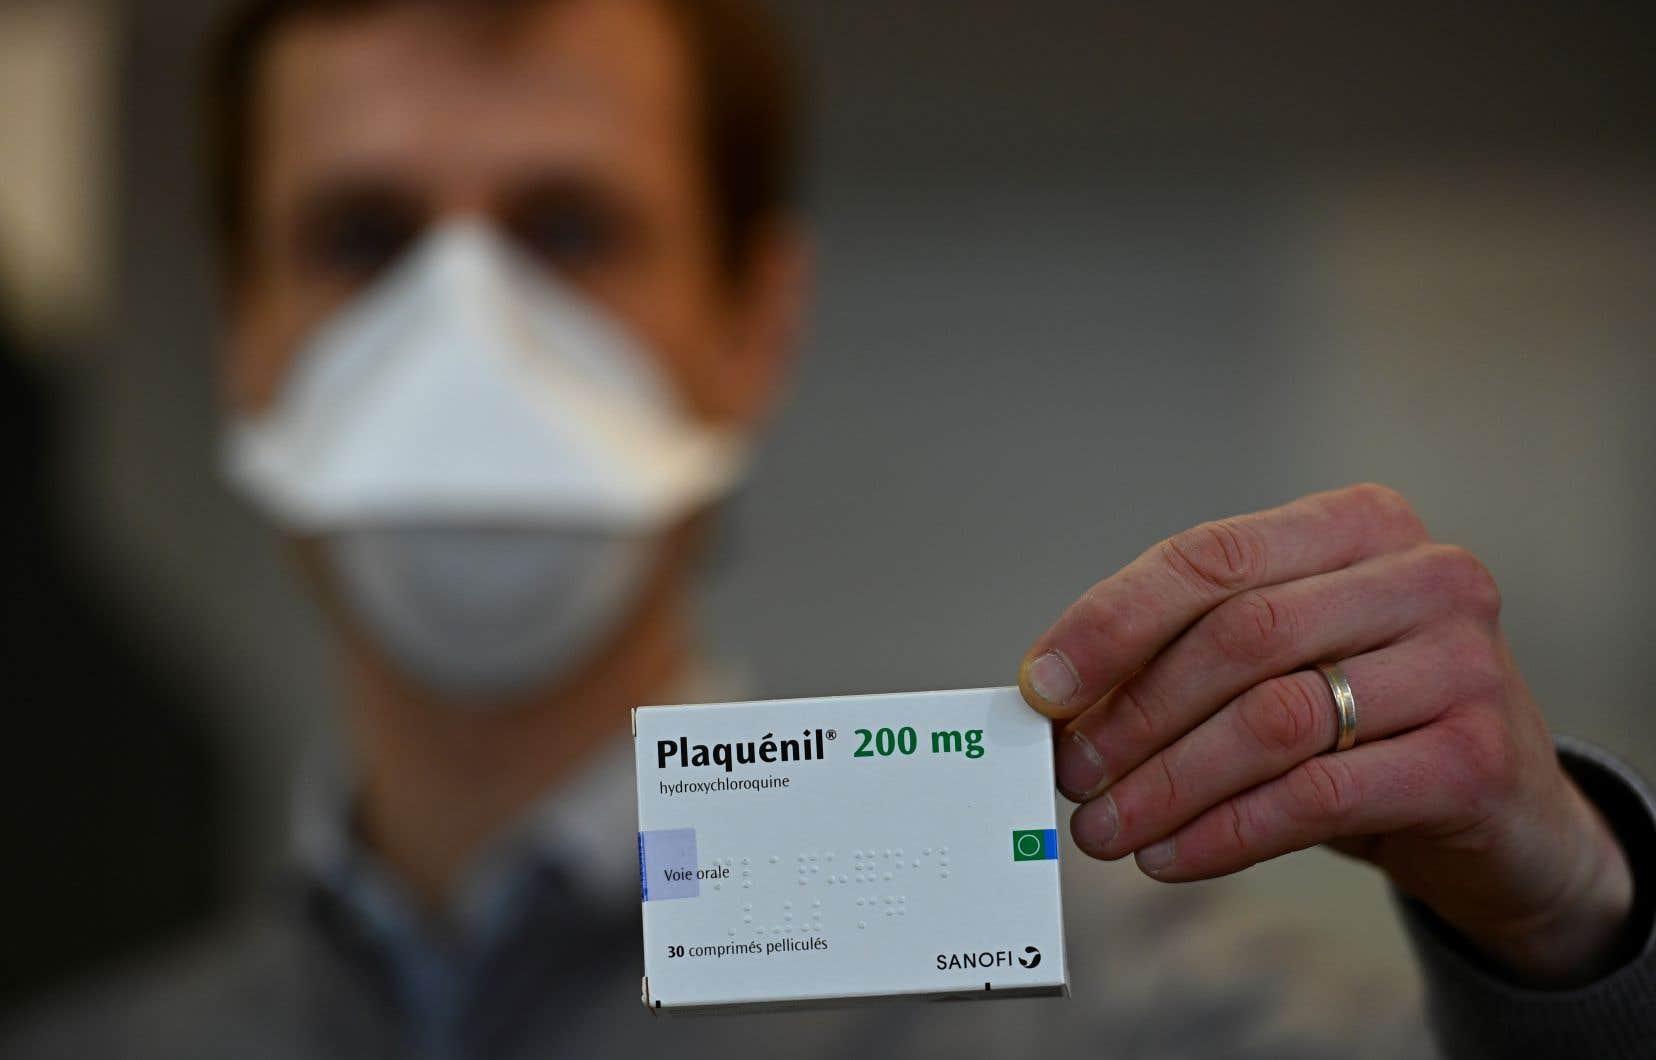 Le médicament, commercialisé en France sous le nom de Plaquénil, était déjà interdit en ville pour traiter le virus.